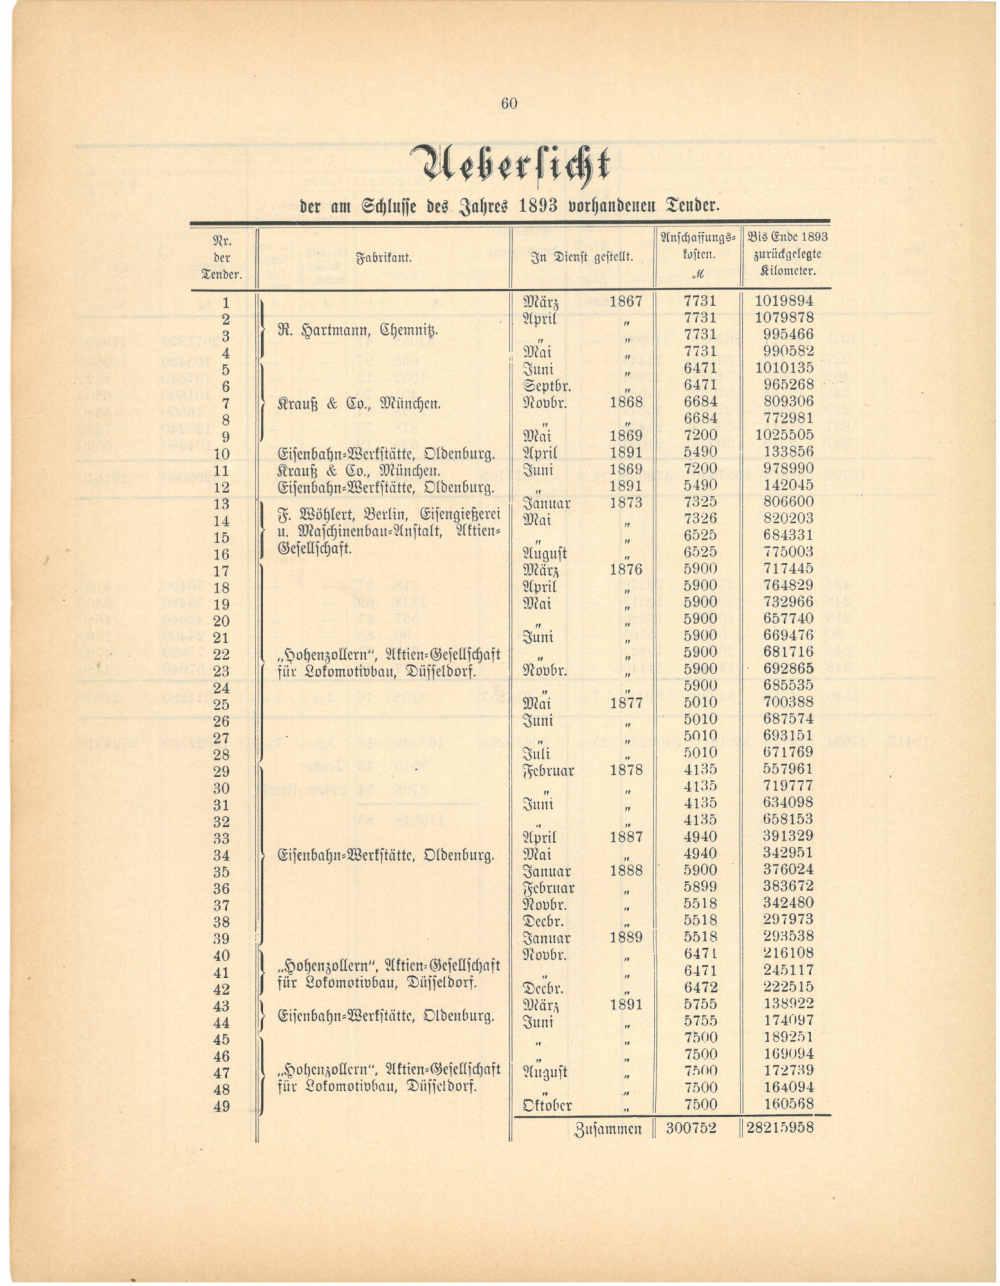 1893 - Jahresbericht Seite 60, Übersicht über die Tender